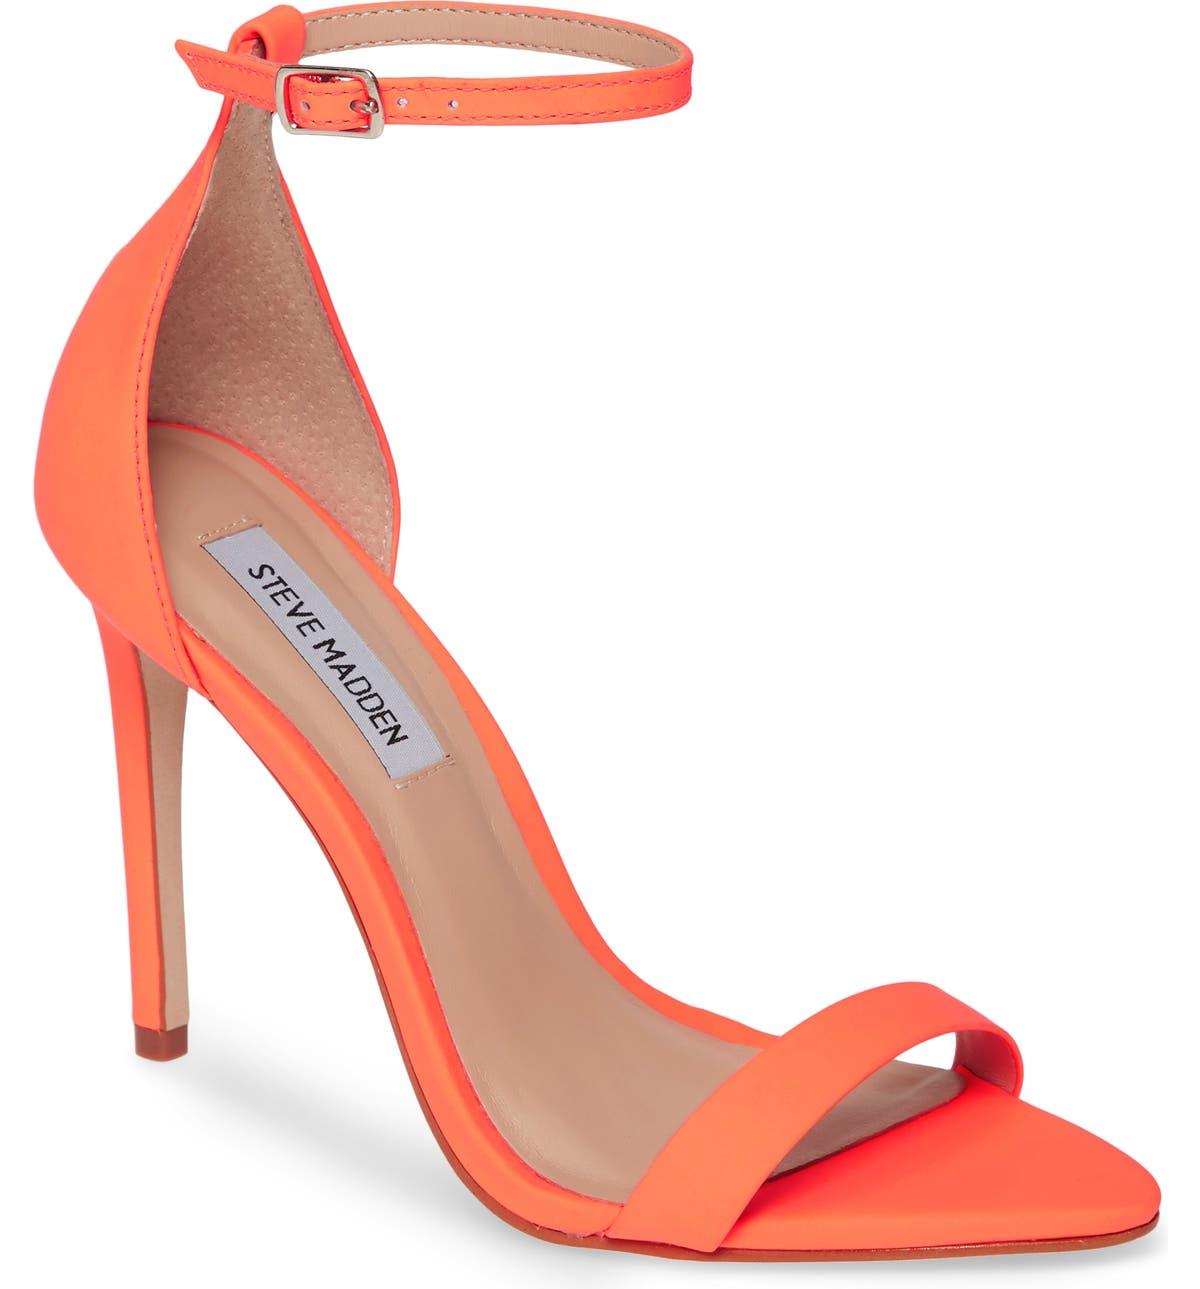 574af39b62e Sane Ankle Strap Sandal